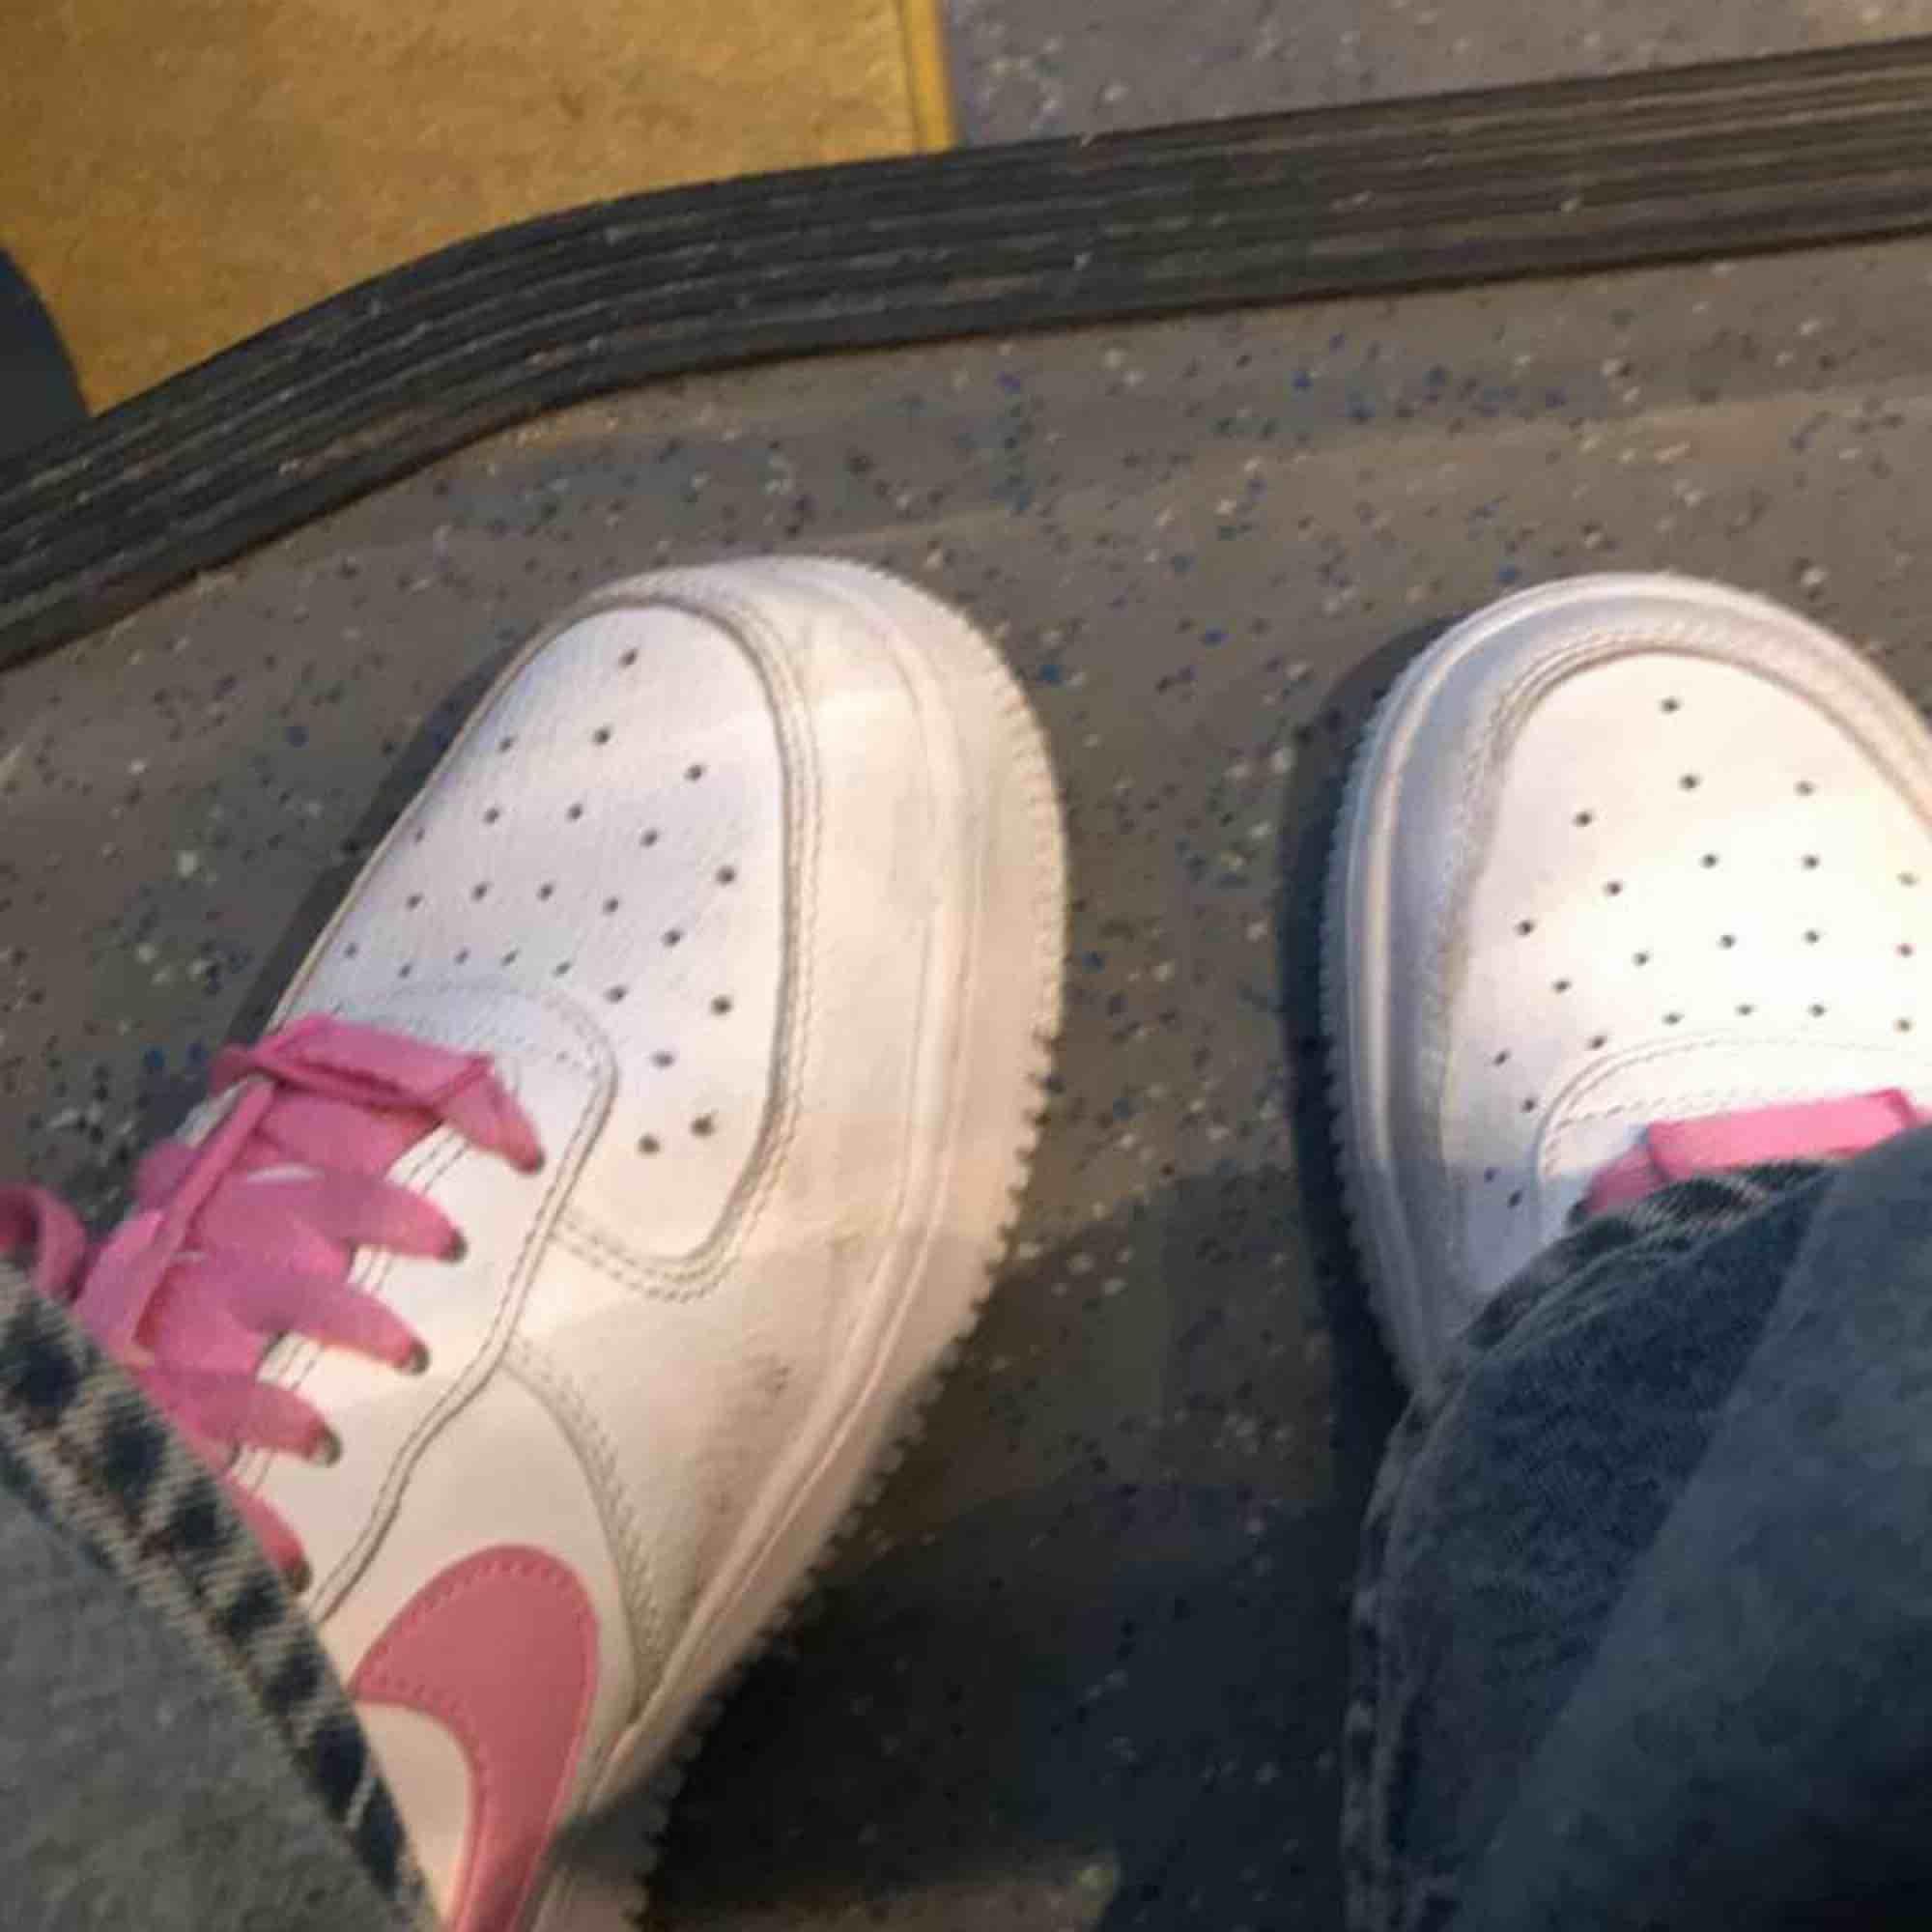 Fatastiska underbara fina vintage skor som är väldigt populära inte slitna alls och har rosa Nike märken. Skor.